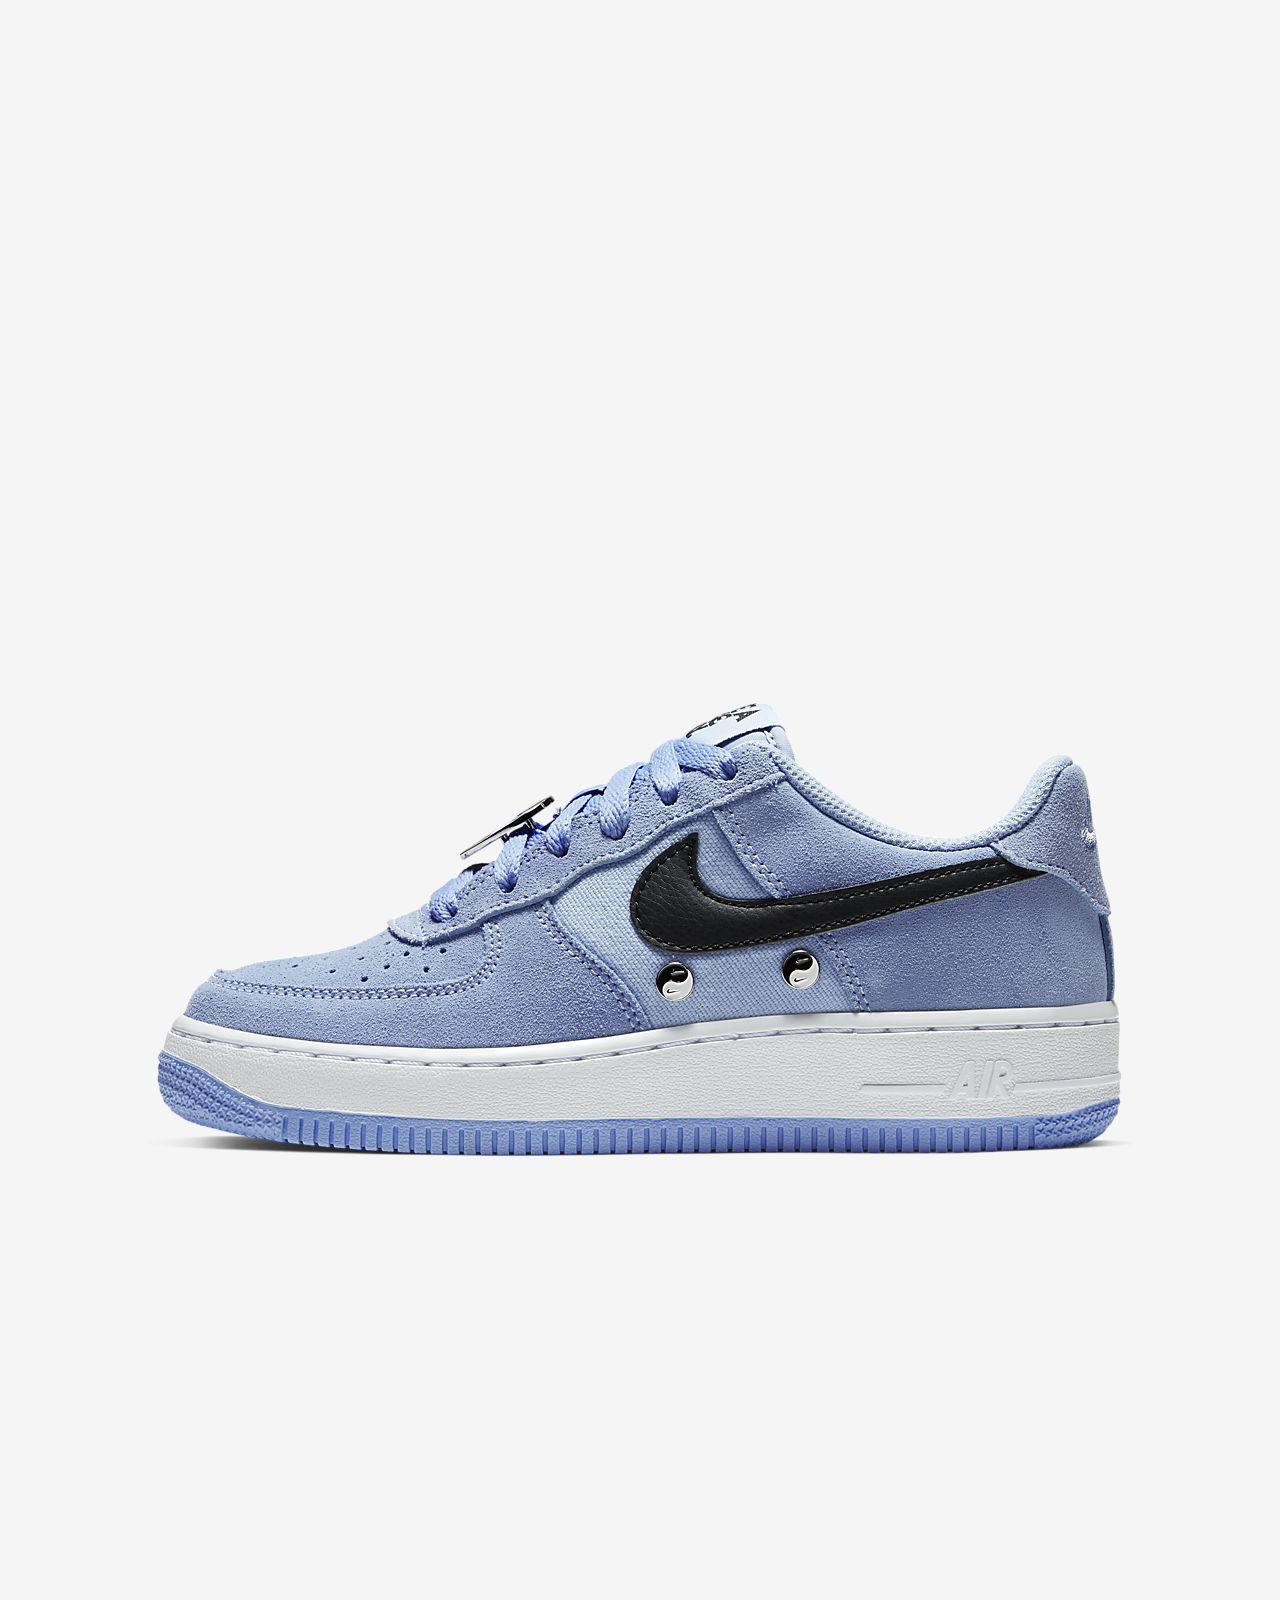 rnDk Air Sko Store Nike Lv8 B Til Force 1 shQrxdtC